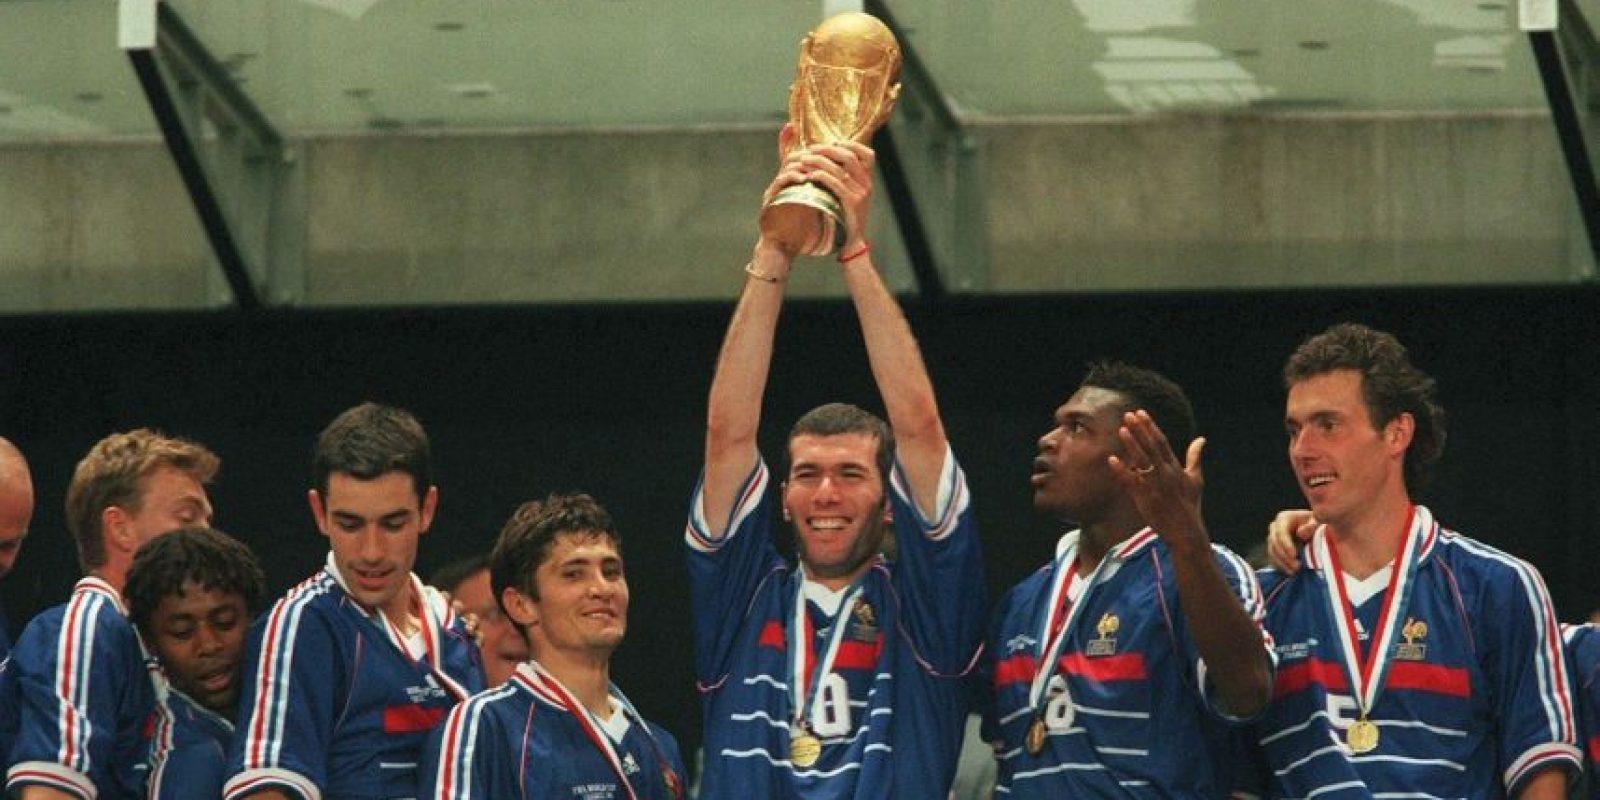 Getty Images Foto:More Than a Game: The Story of the World Cup (director: BBC Worldwide 2006): Con grandes imágenes de archivo, este documental relata la historia de Francia en los Mundiales desde 1930 hasta Francia 1998, cuando lograron quedarse con el título